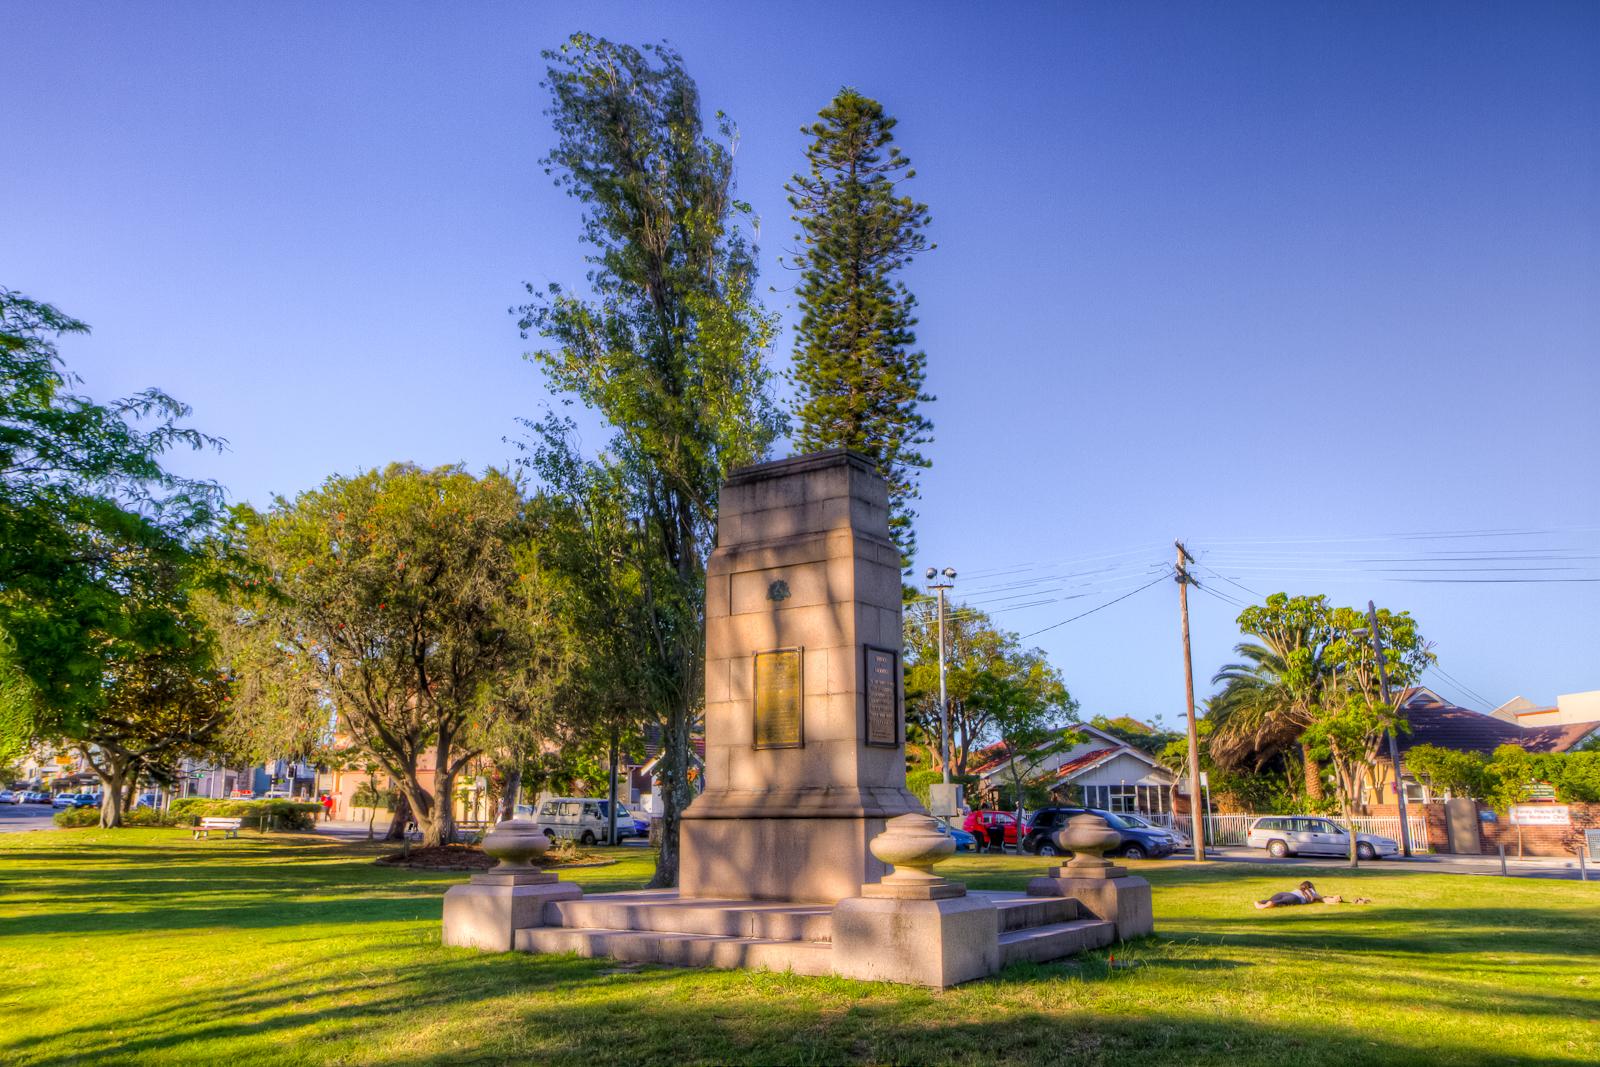 Randwick Memorial